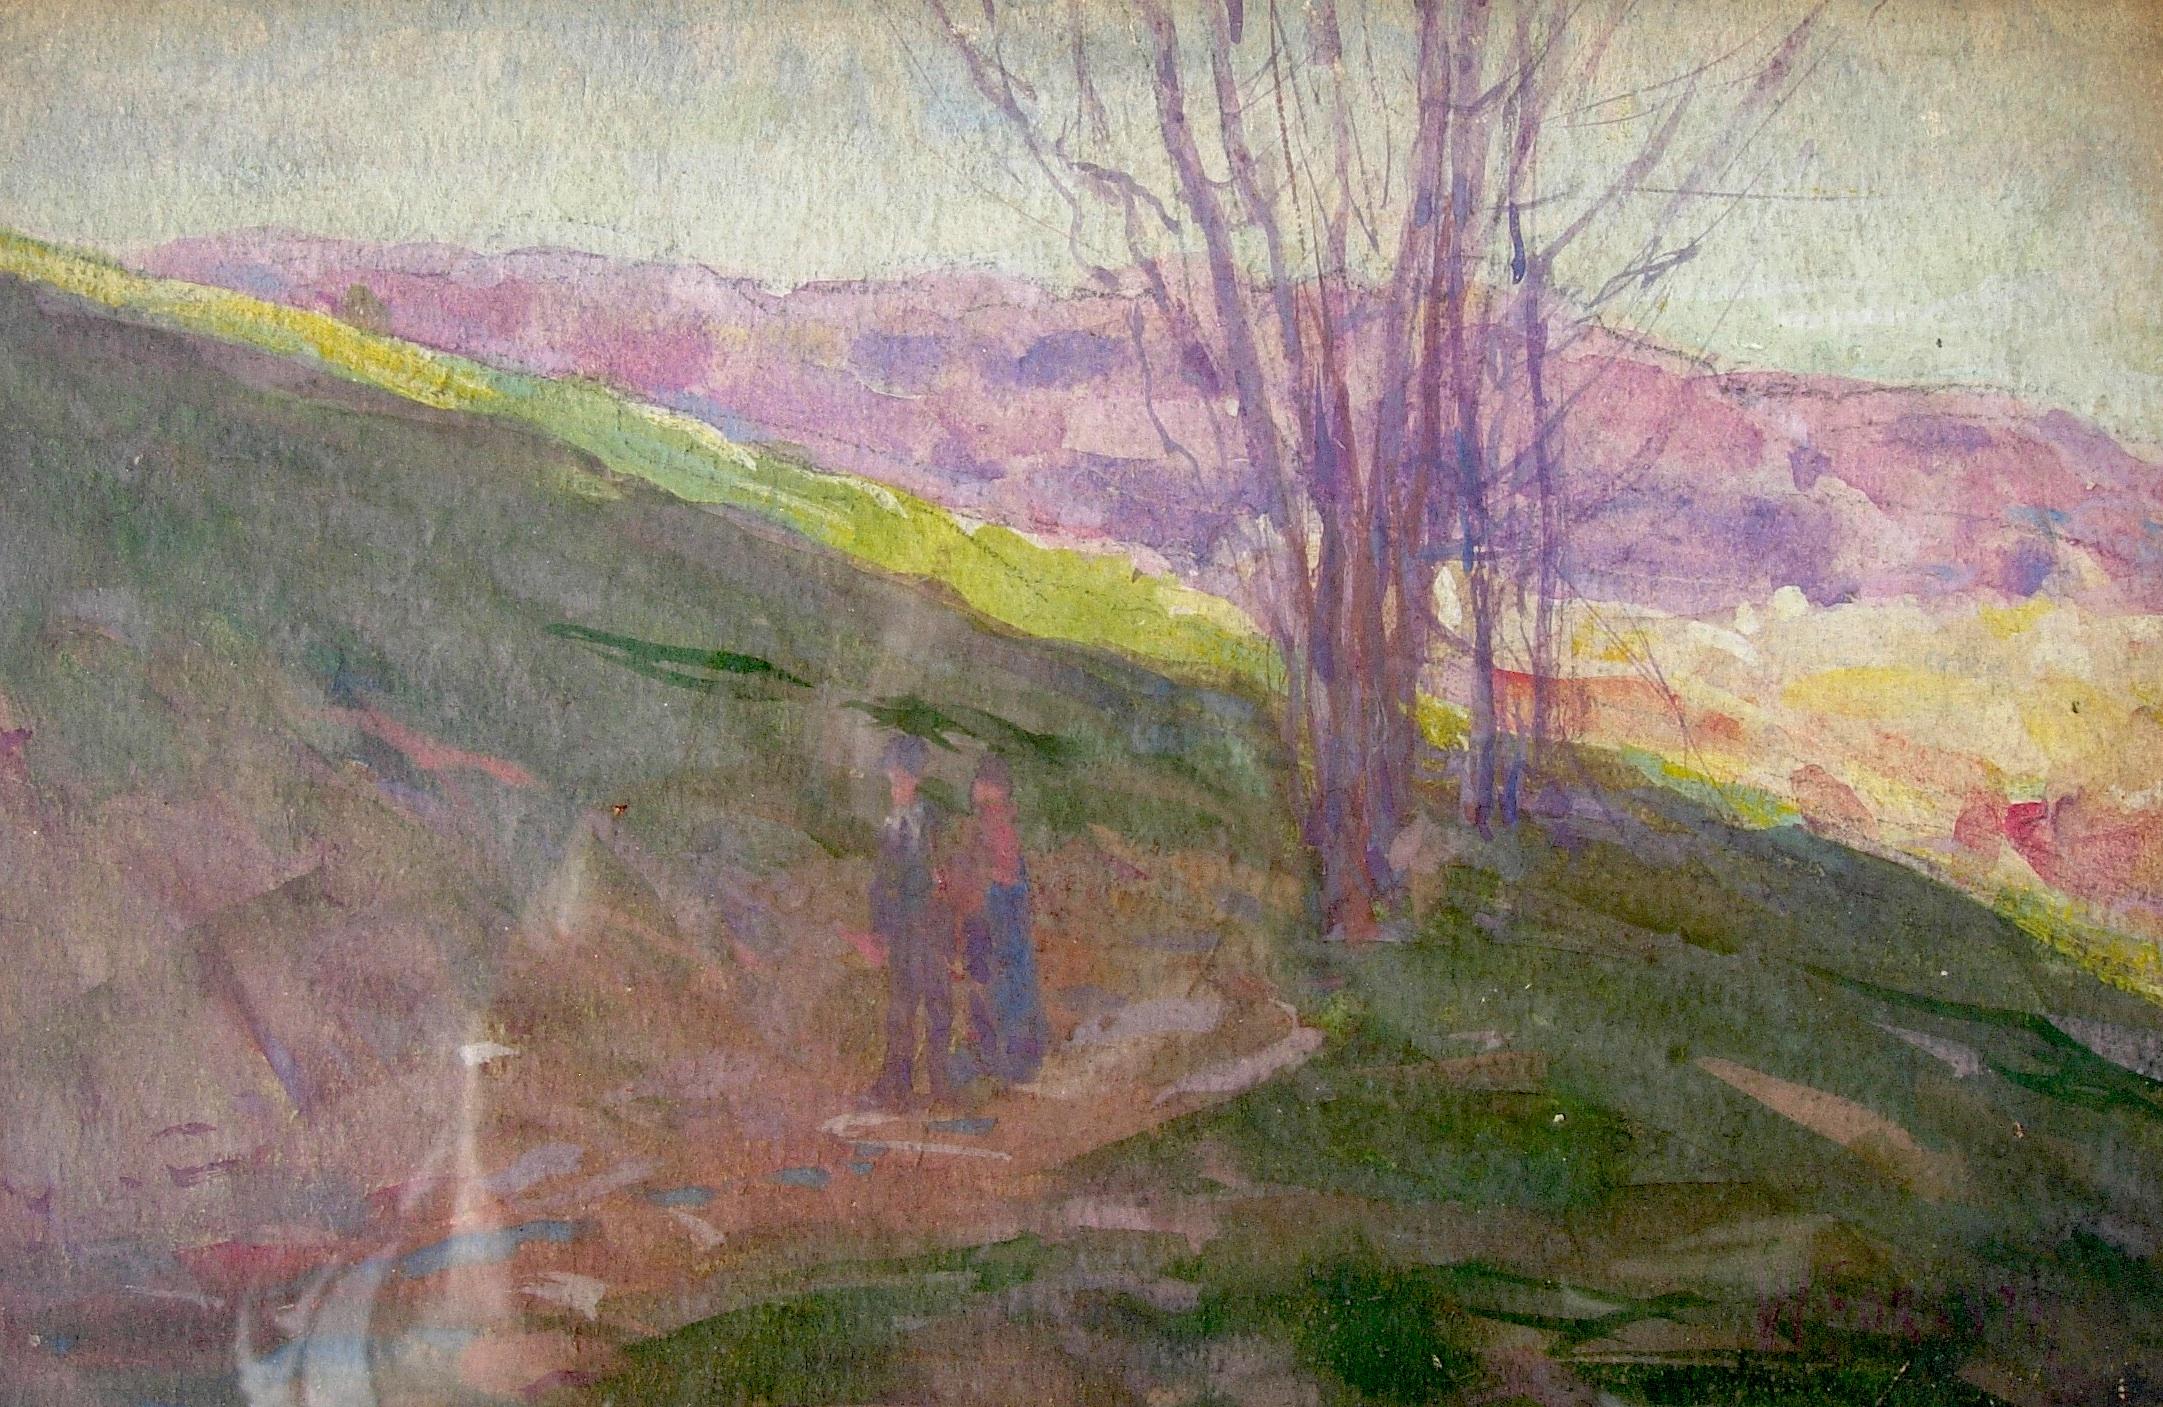 forsyth-landscapefigures-cropped